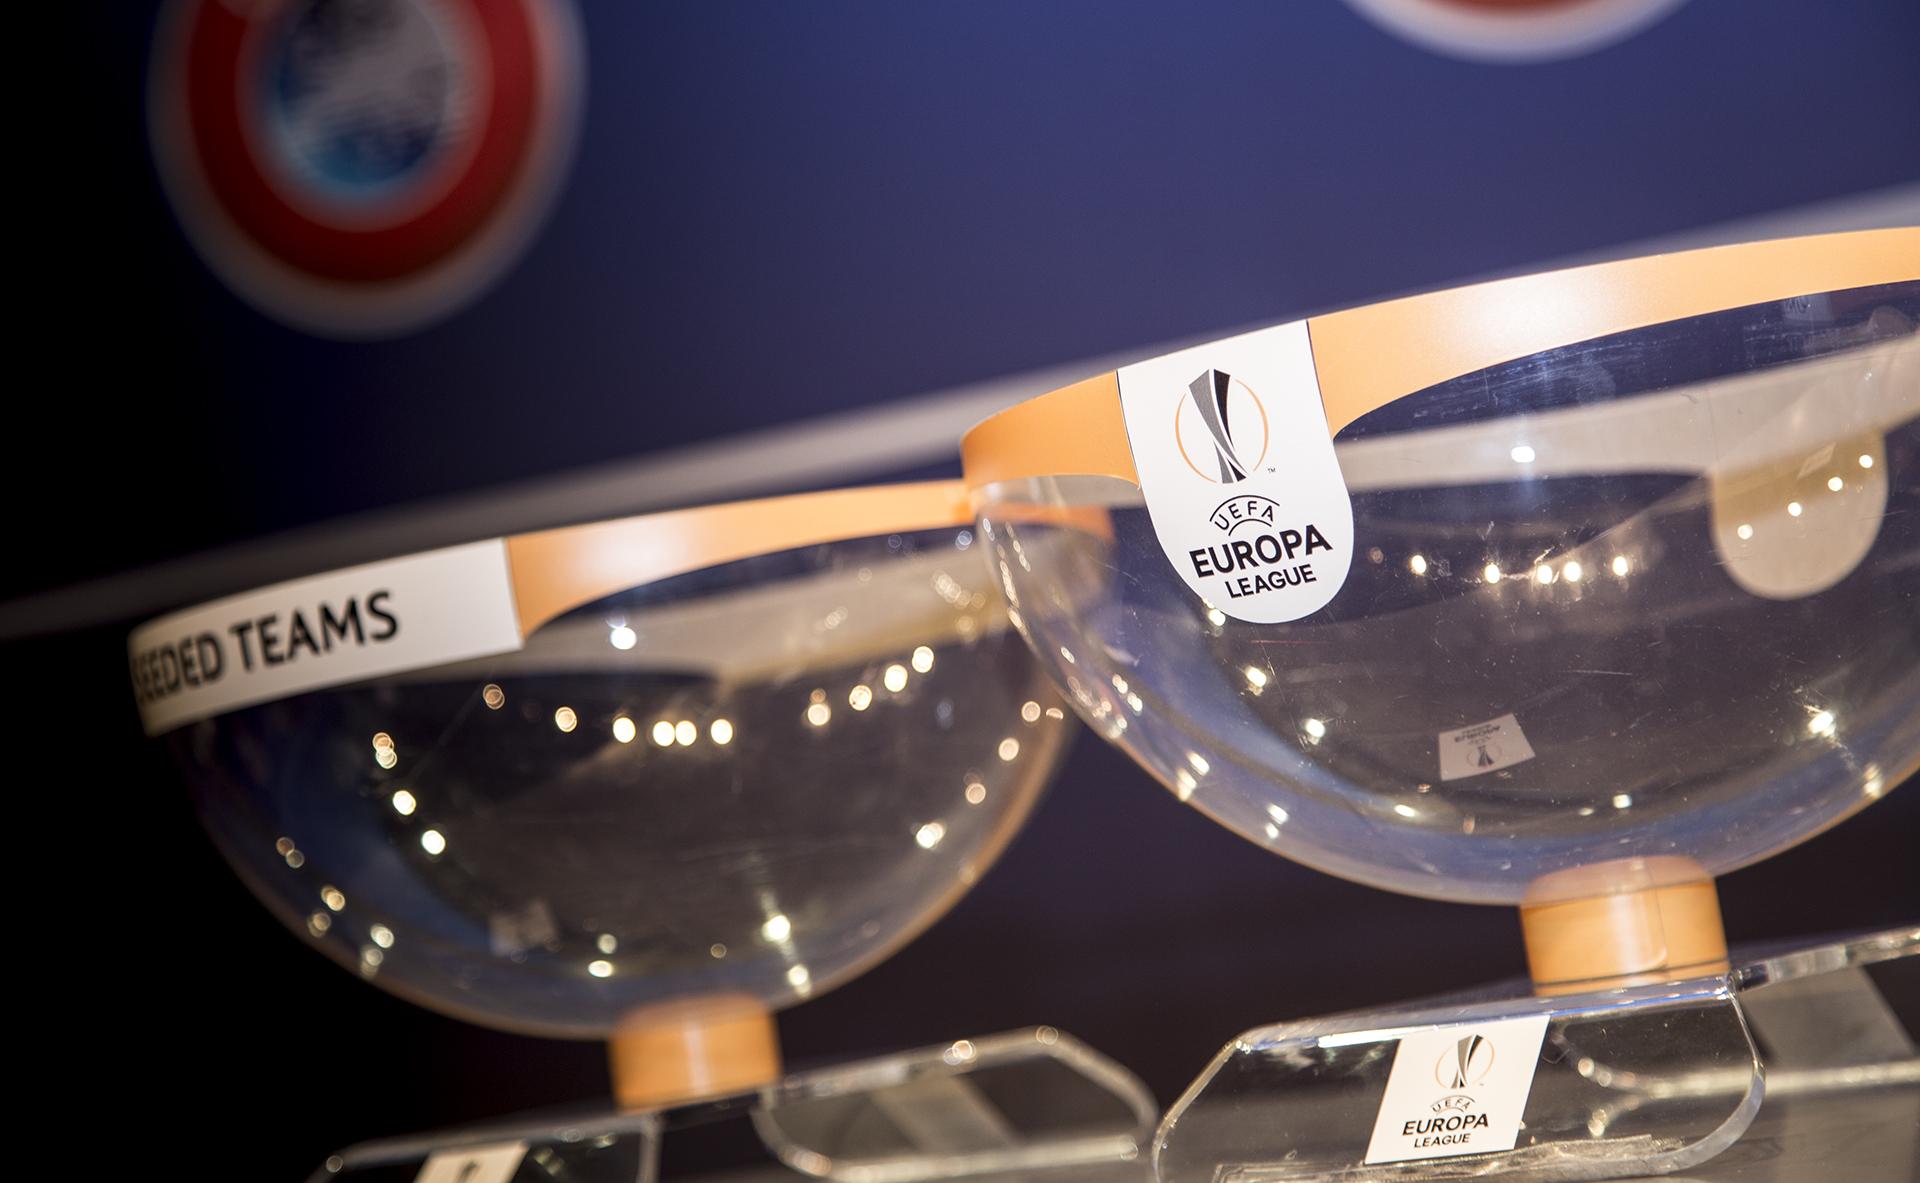 Europa League draw: Chelsea draw Malmo, Arsenal to face BATE Borisov